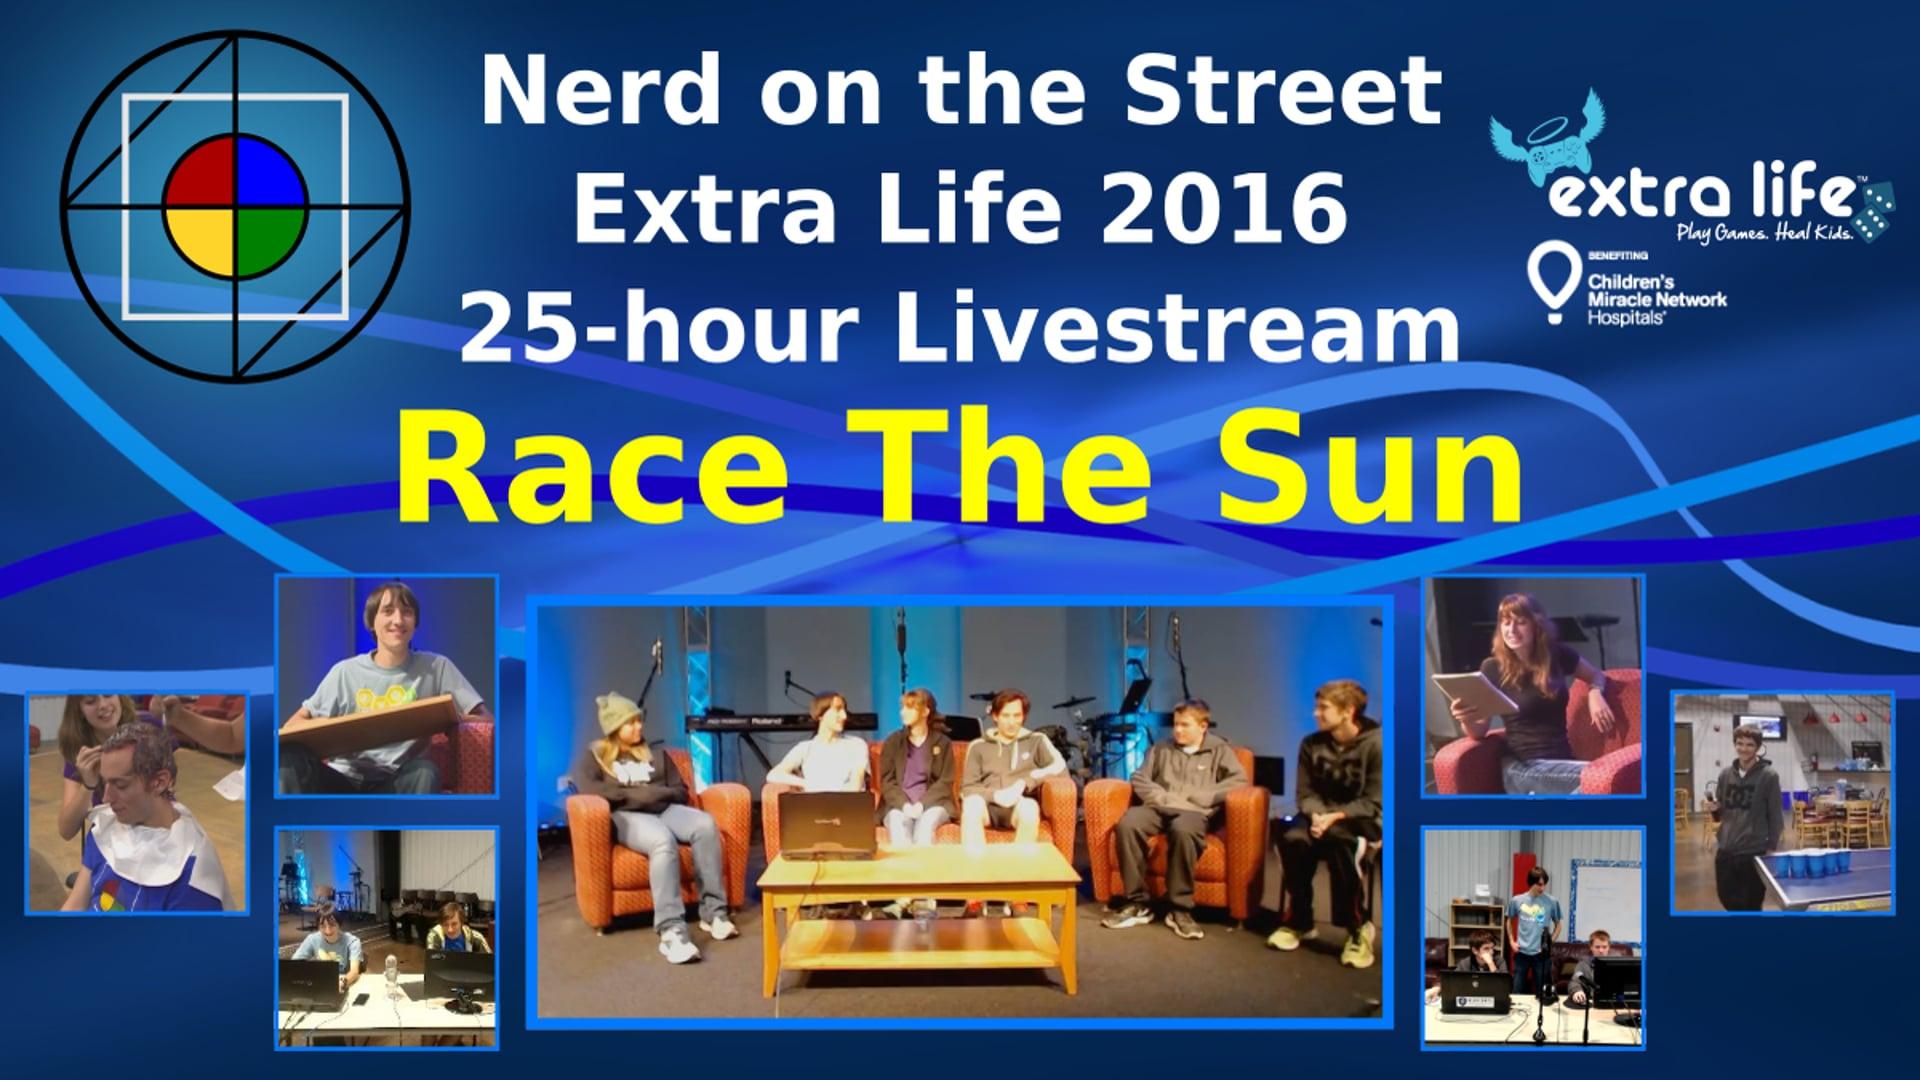 Race The Sun - Extra Life 2016